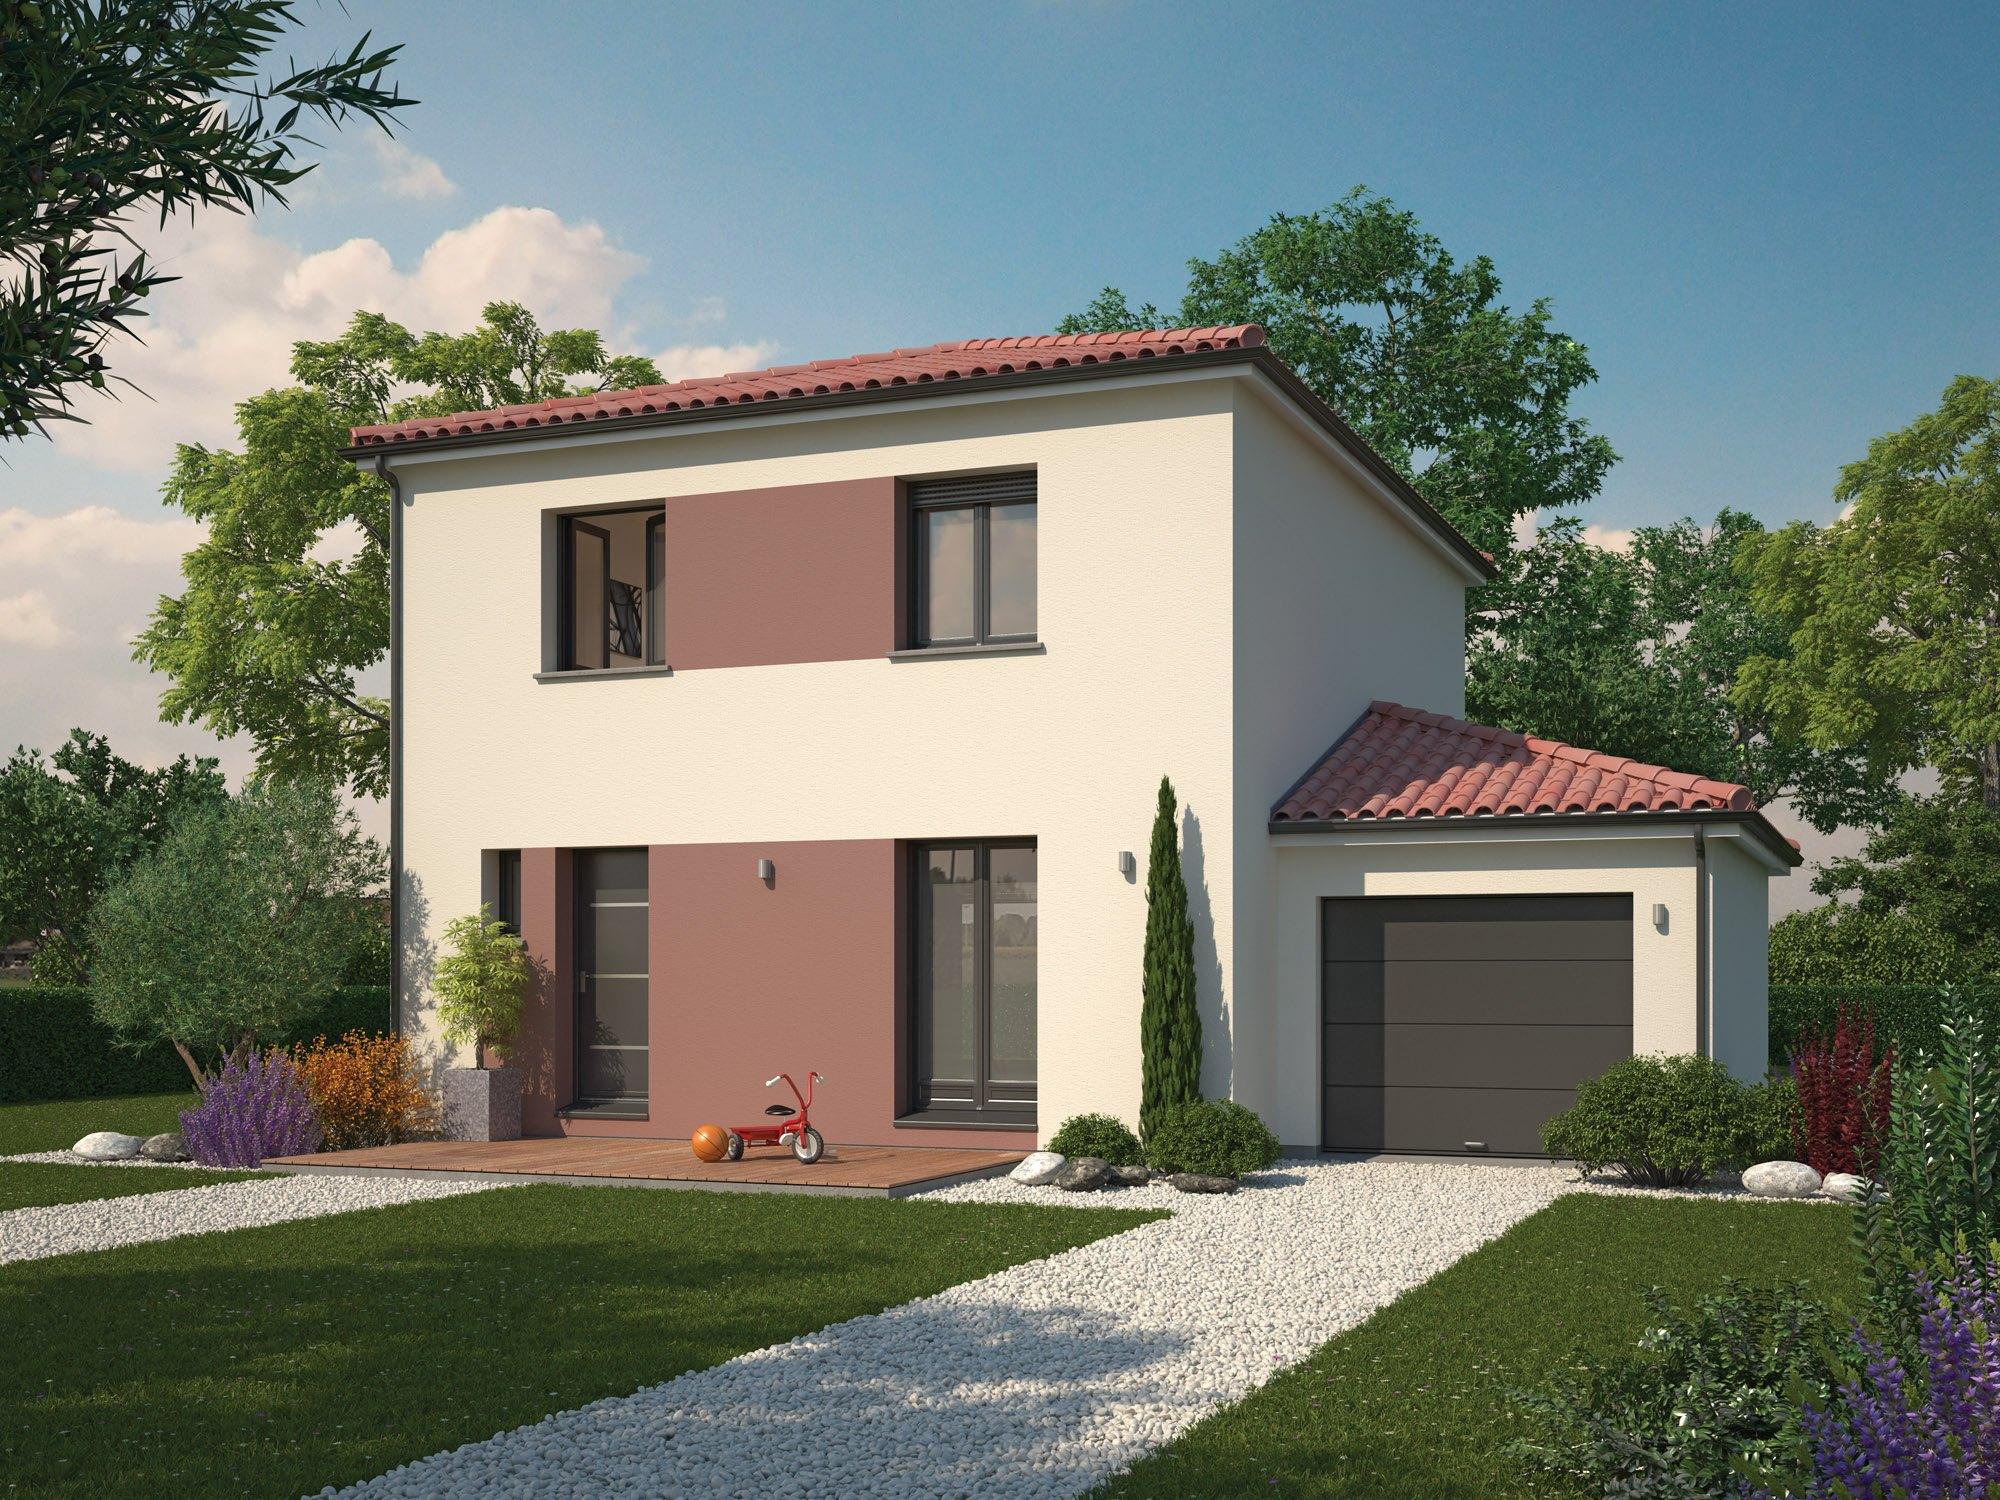 Maisons + Terrains du constructeur MAISON FAMILIALE • 84 m² • ANSE